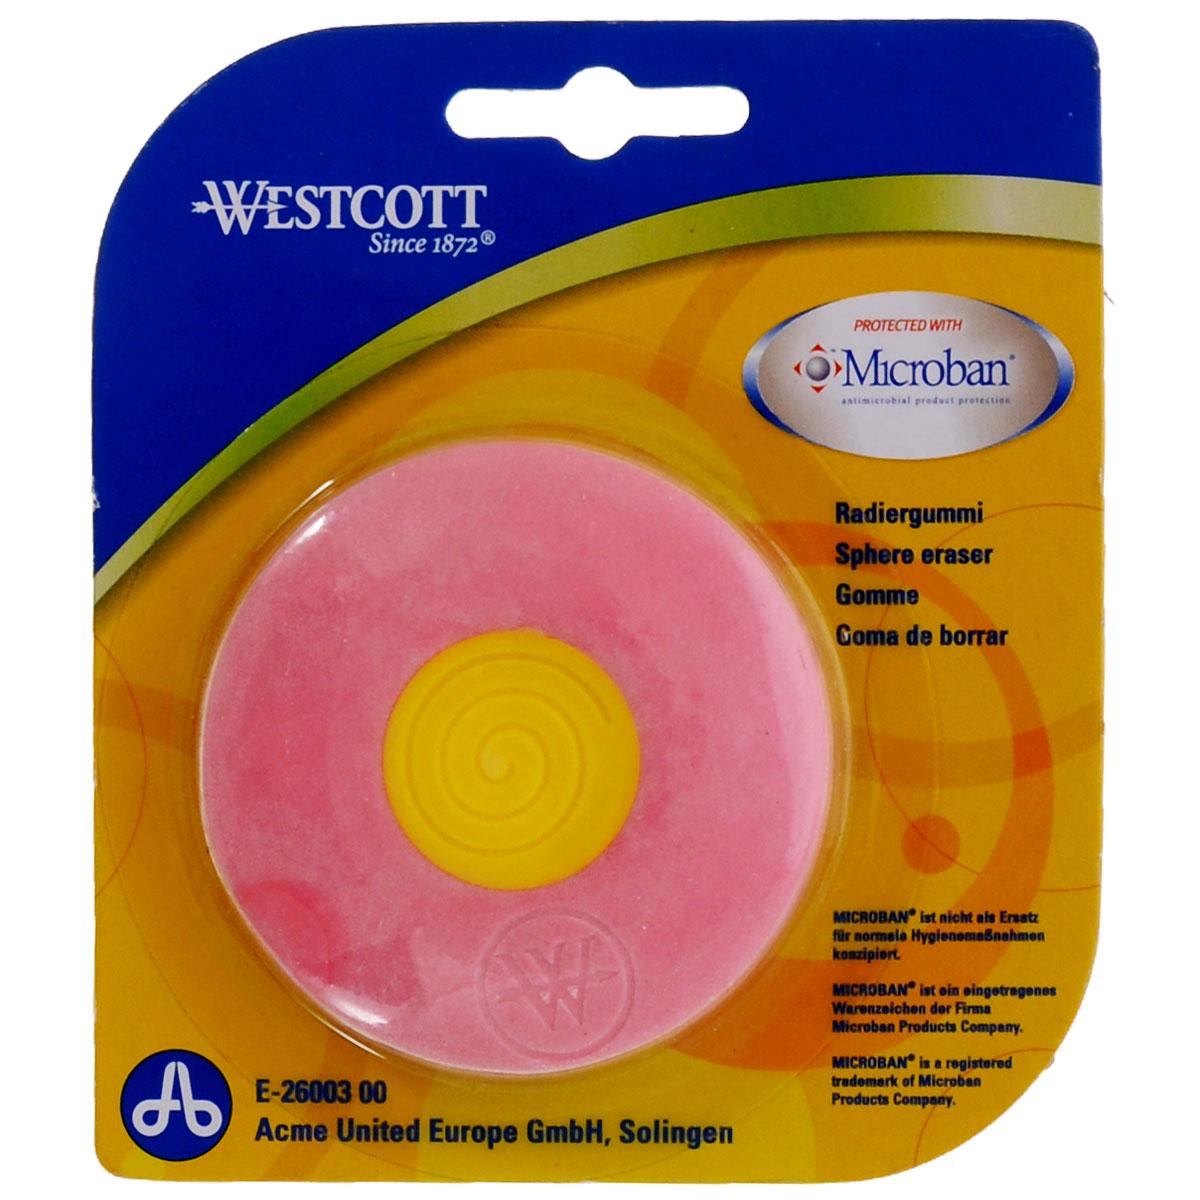 Ластик Westcott Microban, с антибактериальным покрытием, цвет: розовыйACL0010BНас окружает огромное количество бактерий, многие из которых не безопасны, поэтому все большее число товаров выпускается со встроенной антибактериальной защитой.Яркий, двухцветный ластик со встроенной антибактериальной защитой Microban легко и без следа удаляет надписи, сделанные карандашом. Для более точного удаления имеет заостренные края. Эффективность защиты Microban подтверждена множеством лабораторных исследований по всему миру. Эффективен против широкого спектра грамположительных и грамотрицательных бактерий и грибков, таких как: сальмонелла, золотистый стафилококк и другие, которые вызывают заболевания, сопровождающиеся расстройством кишечника и грибковыми заболевания. (Всего около 100 микроорганизмов).Ластик сохраняет свои свойства после мытья и в случае механического повреждения изделия. Антибактериальные свойства не исчезают со временем и не снижают свою эффективность. Microban абсолютно безвреден для людей и животных, не вызывает аллергии.